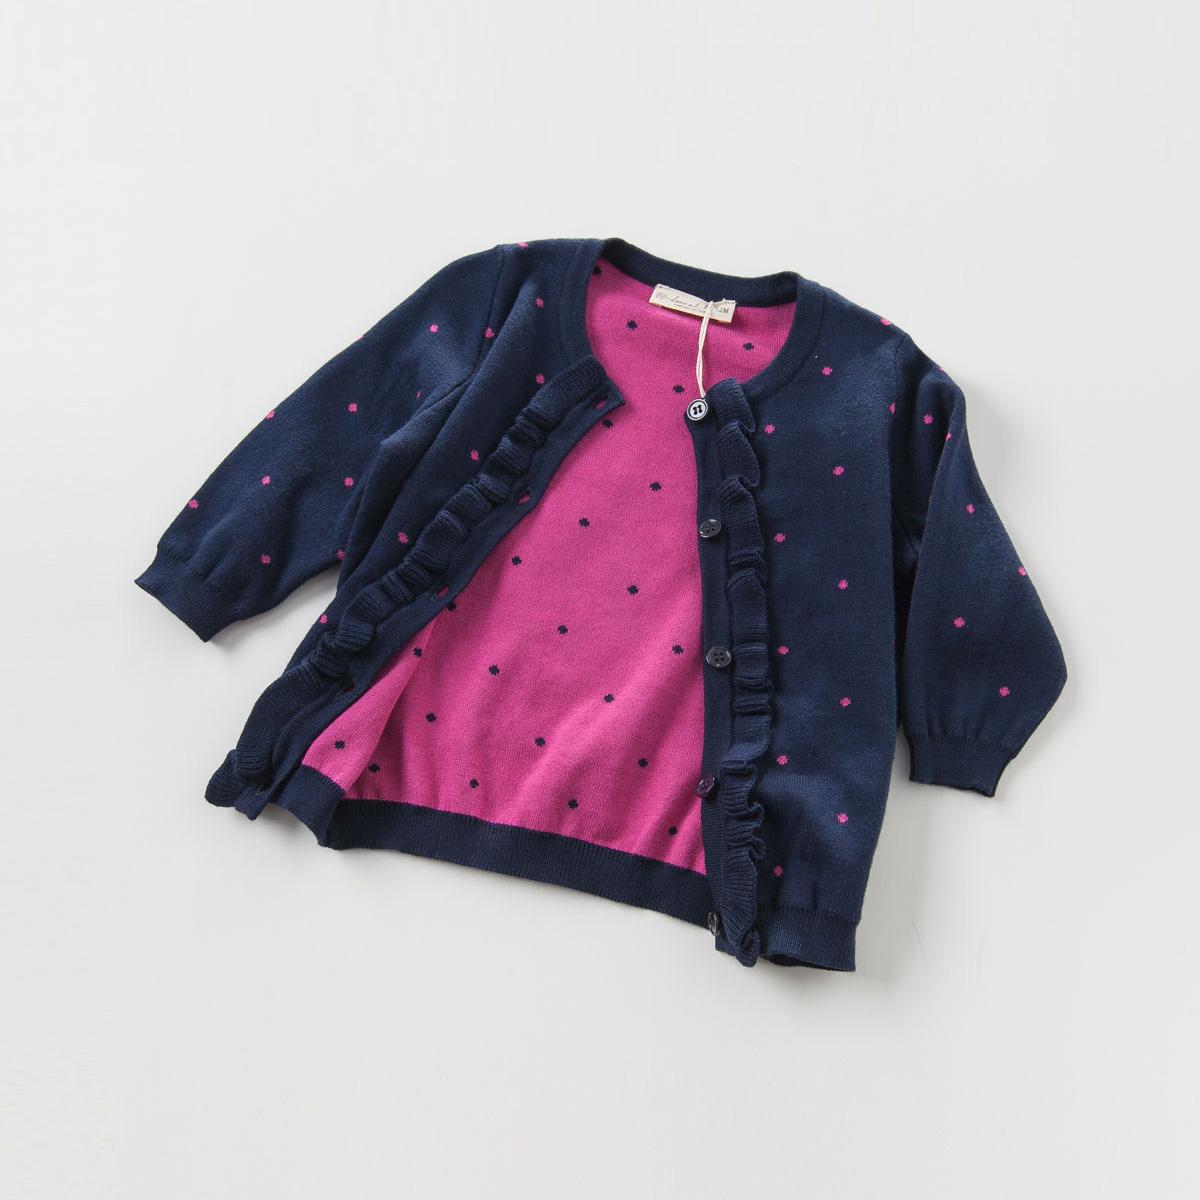 davebella戴维贝拉女童秋冬针织衫宝宝纯棉单排扣针织开衫DB3640